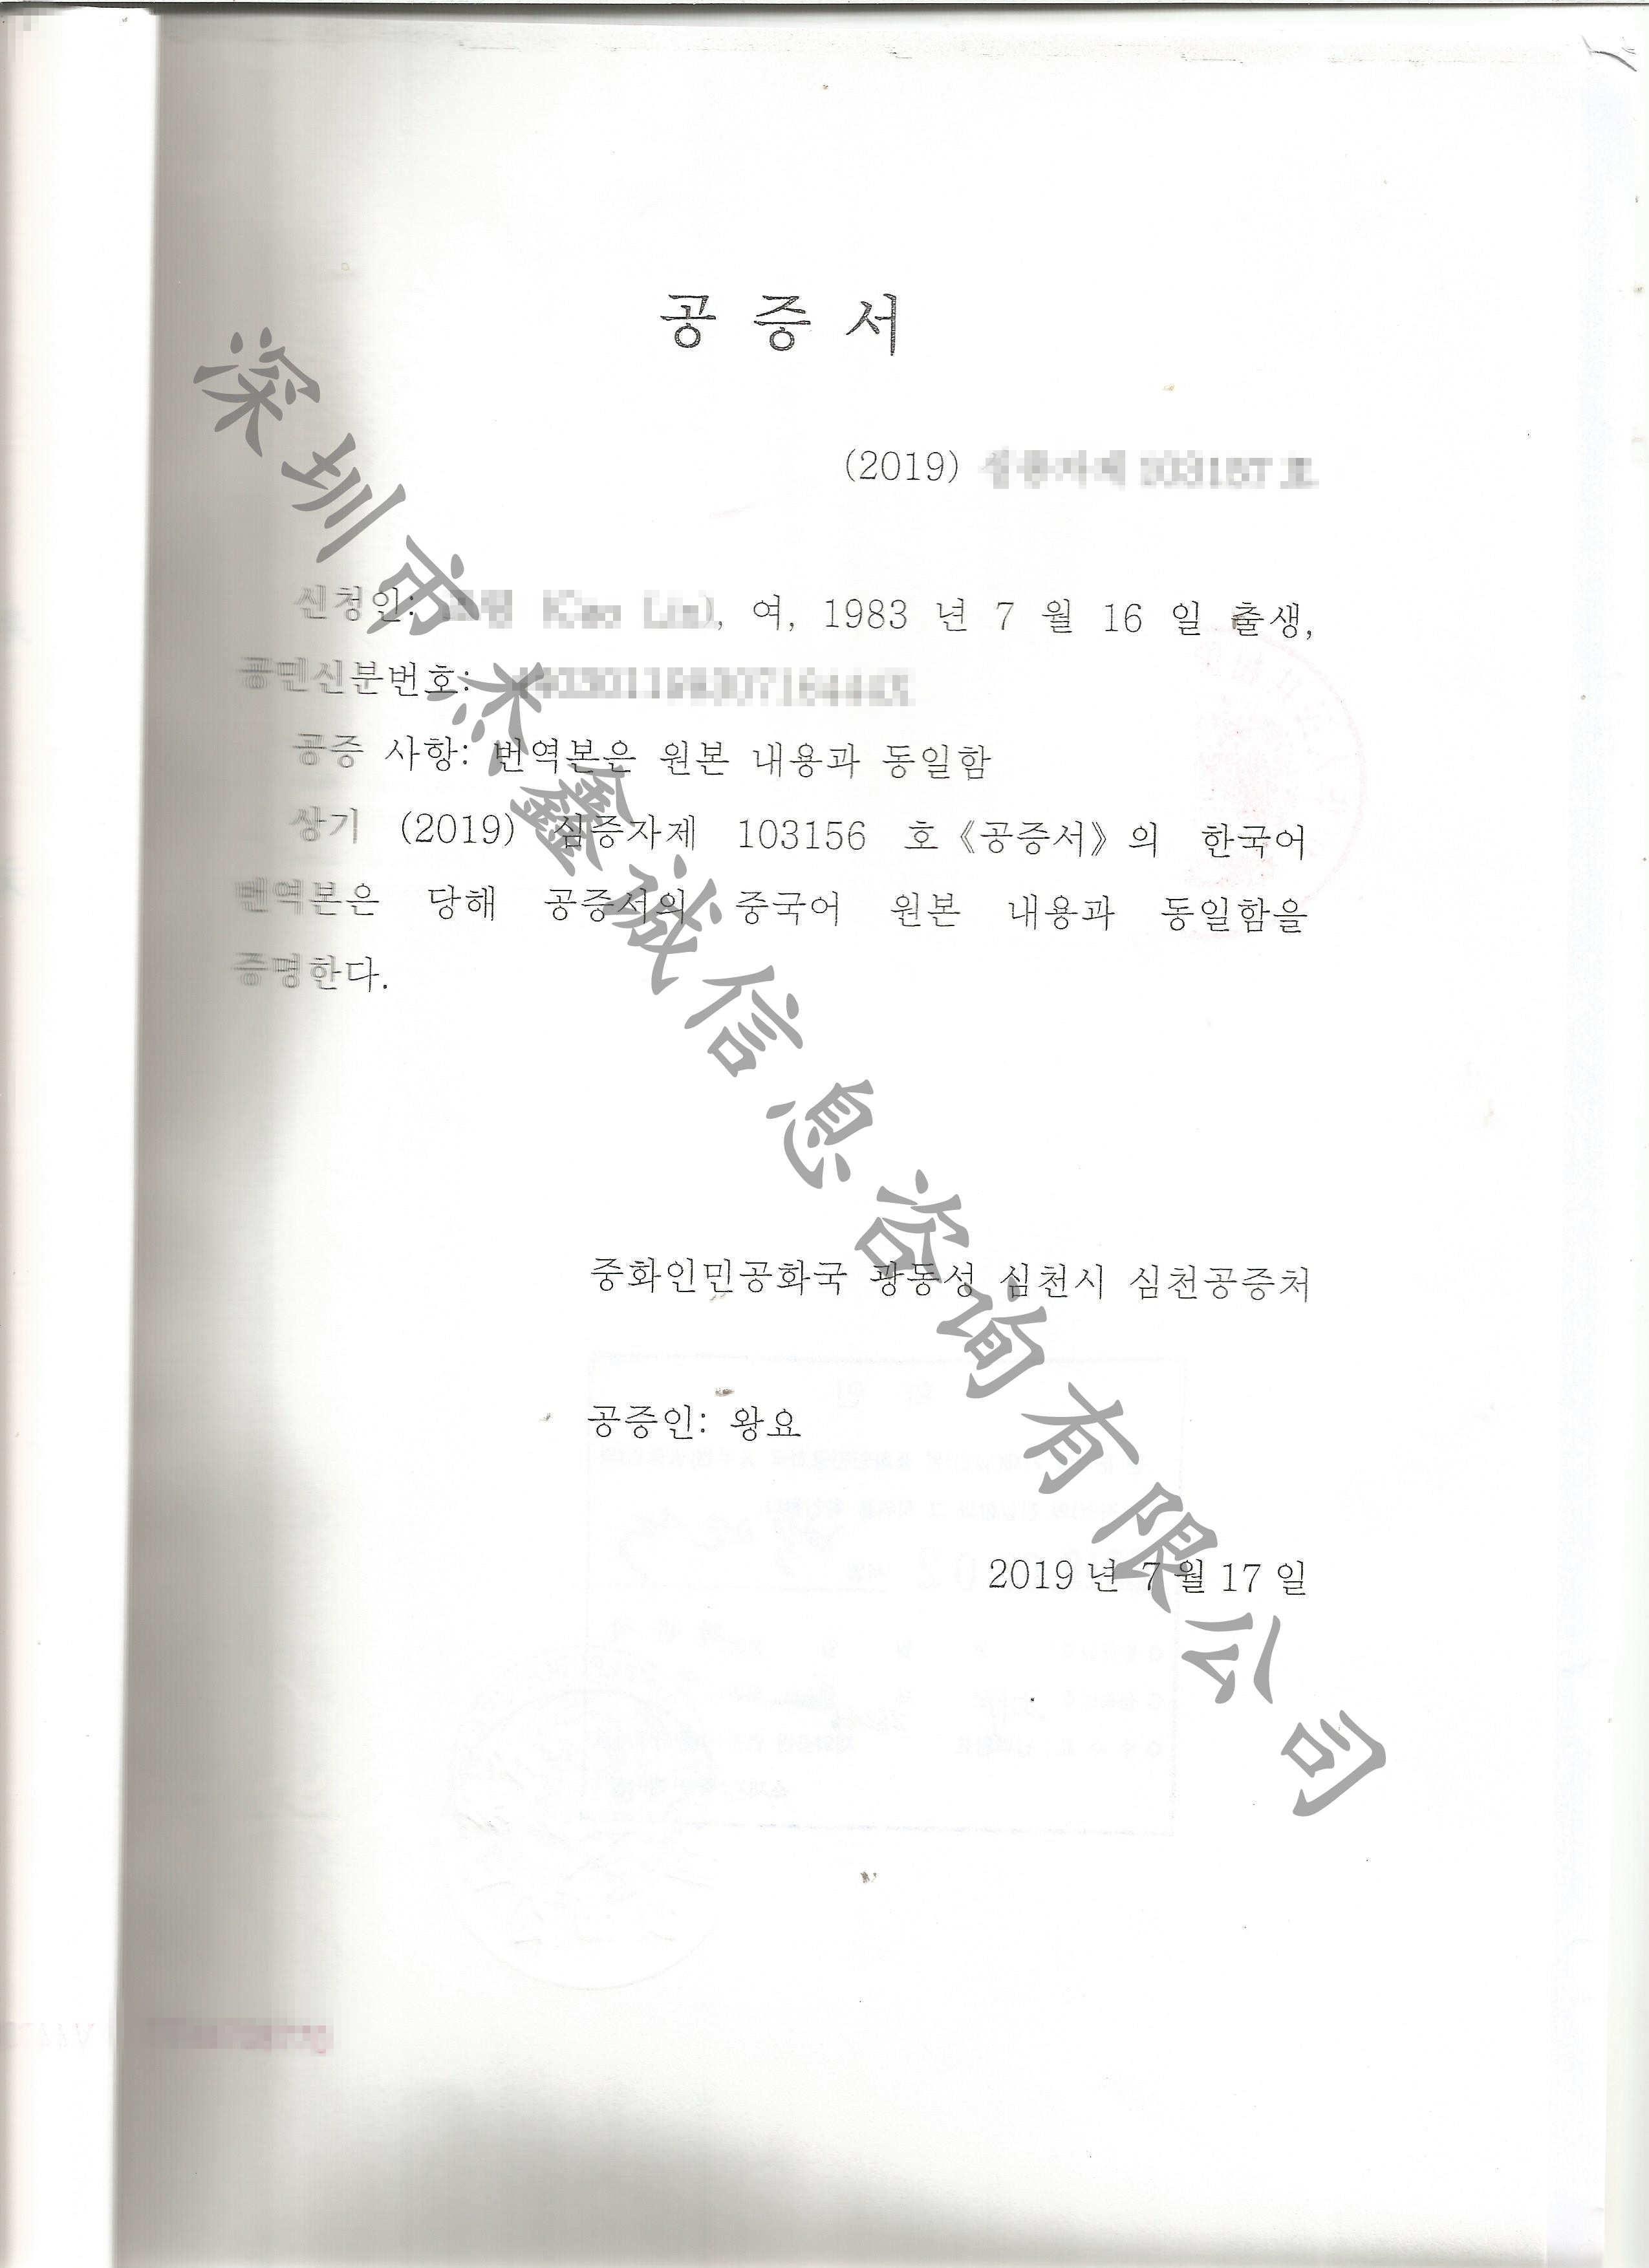 北京外交部认证电话_韩国领事认证加签无犯罪公证书_CCPIT加签|领事馆加签|商会认证 ...